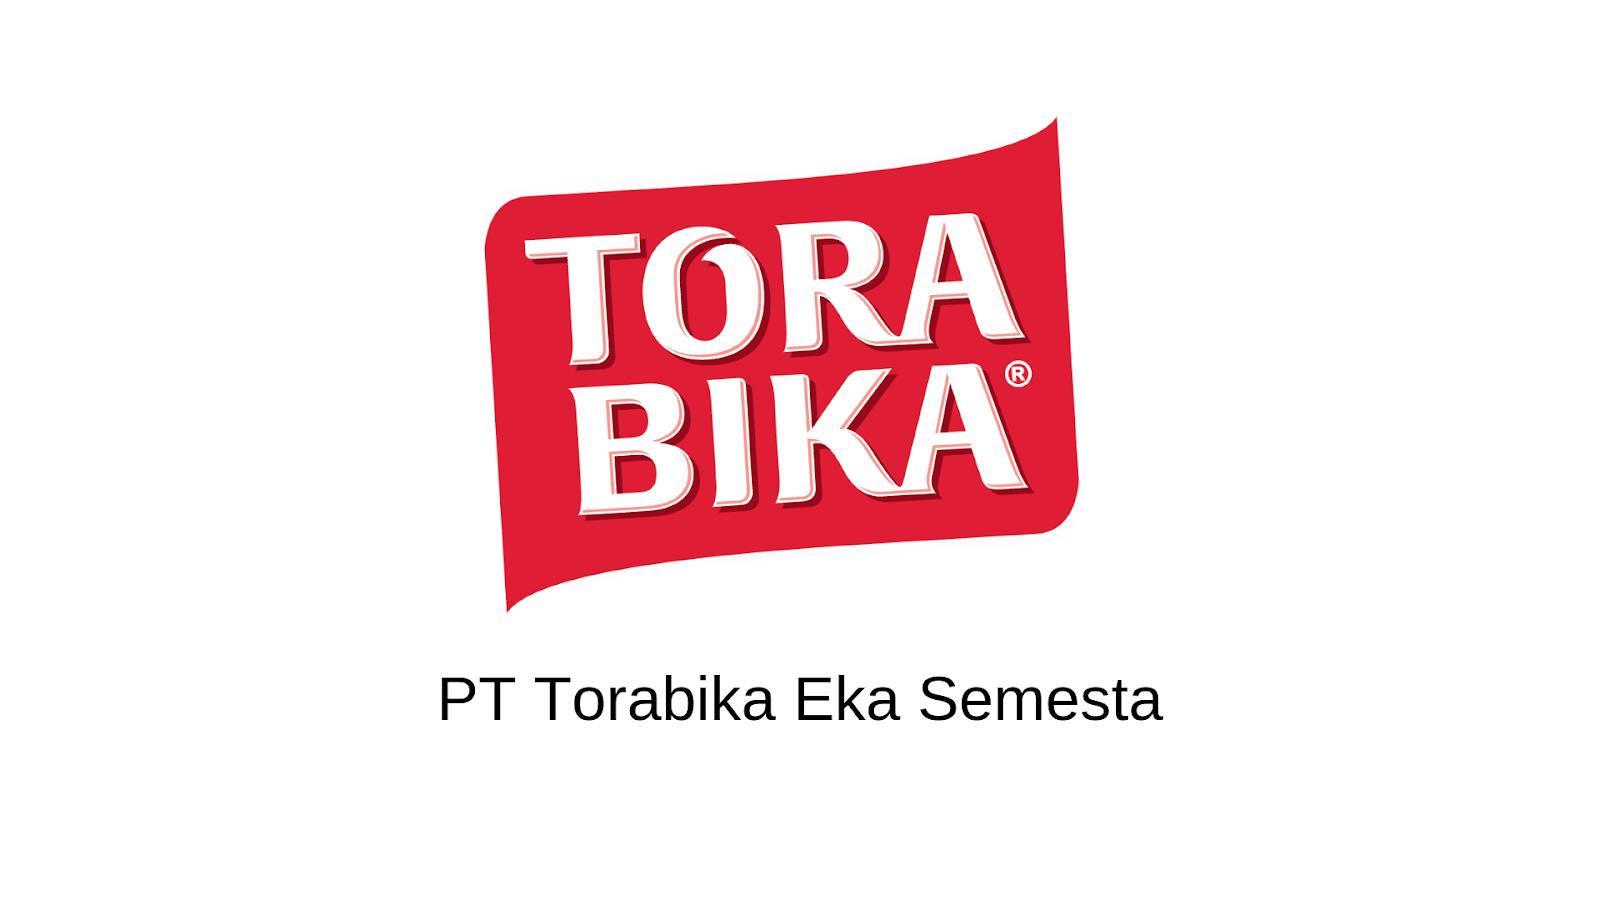 Lowongan Kerja Pt Torabika Eka Semesta Lampung Terbaru 2021